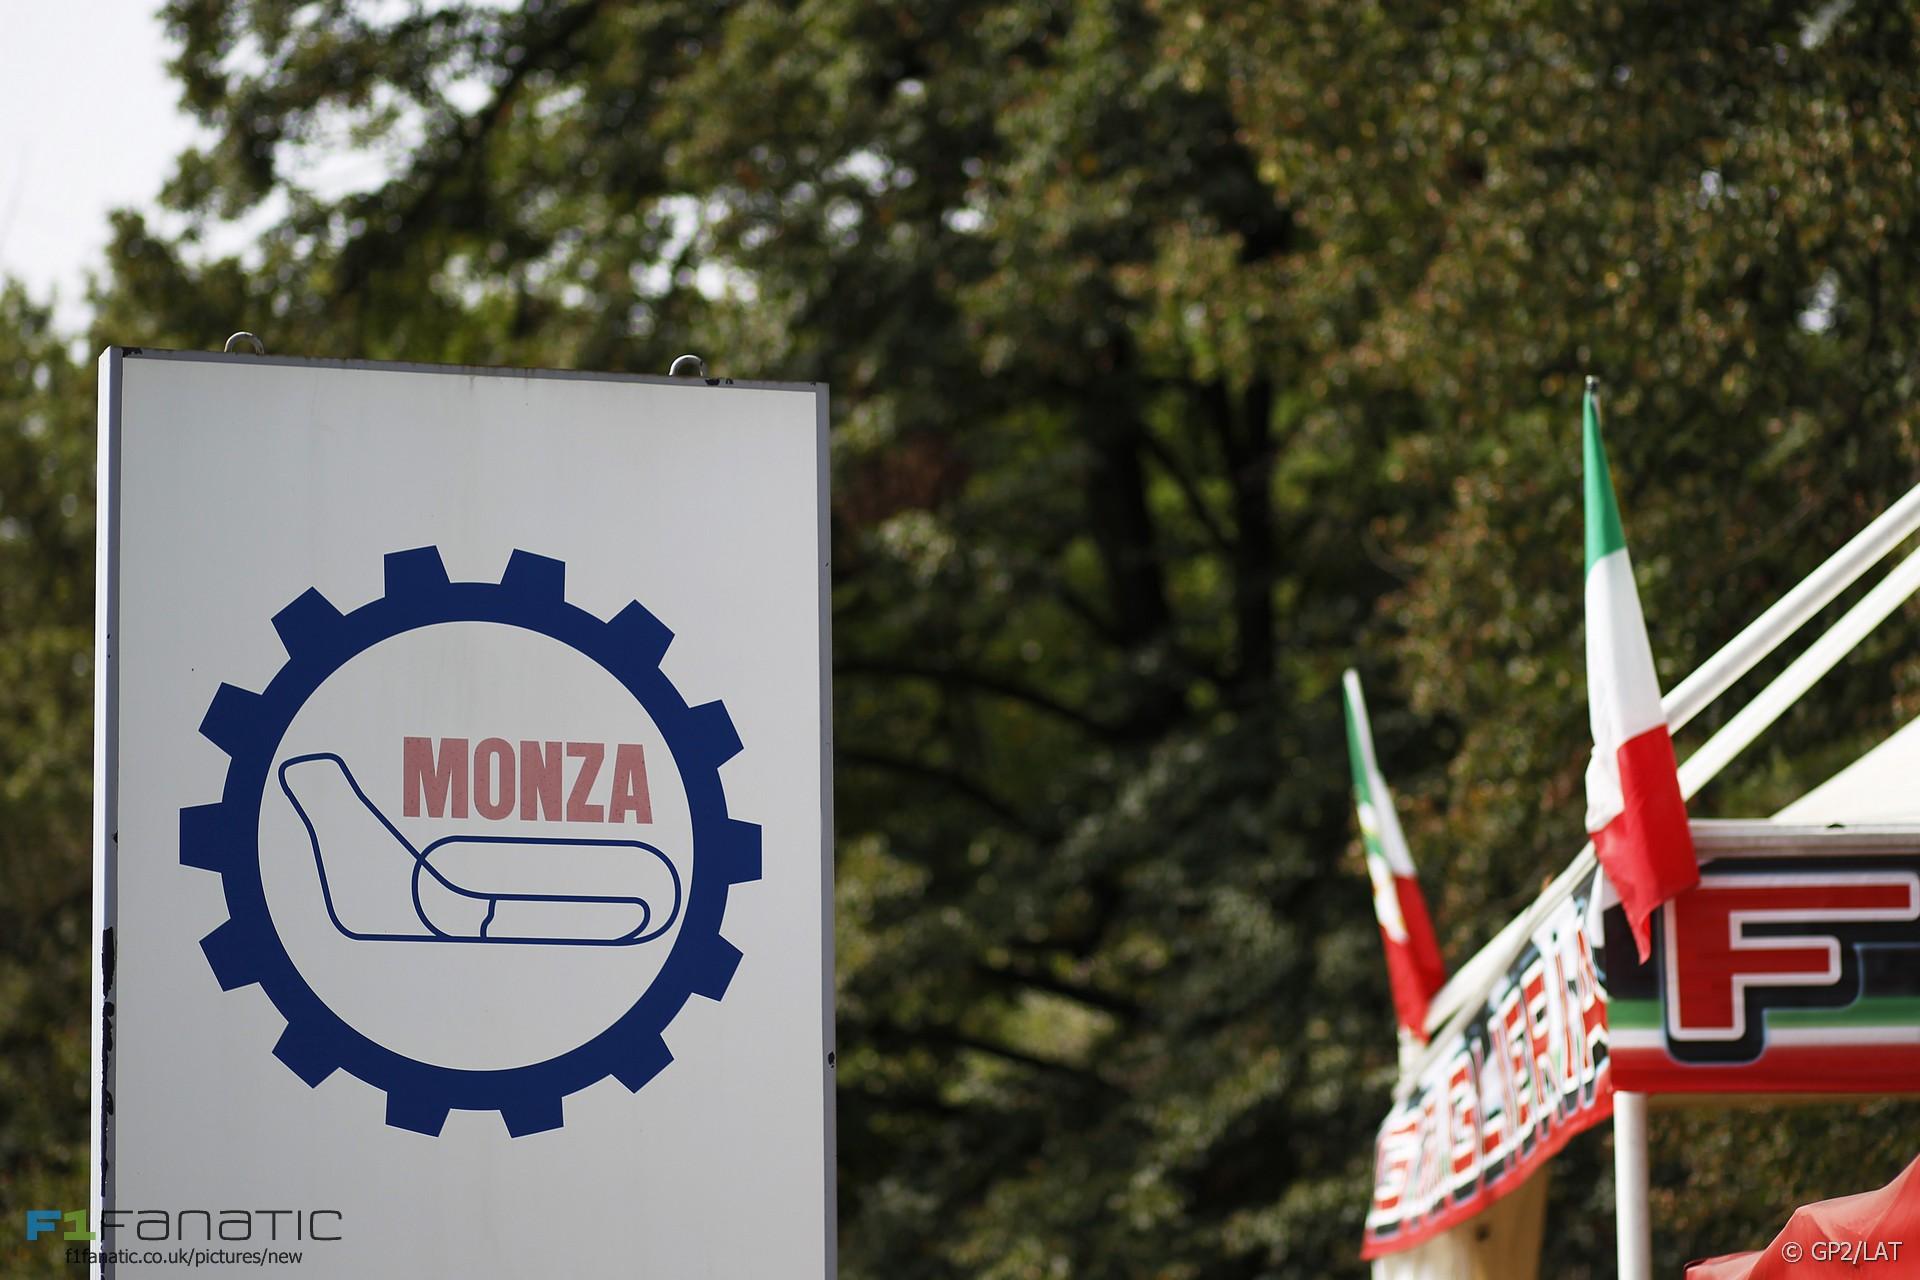 Monza, 2015